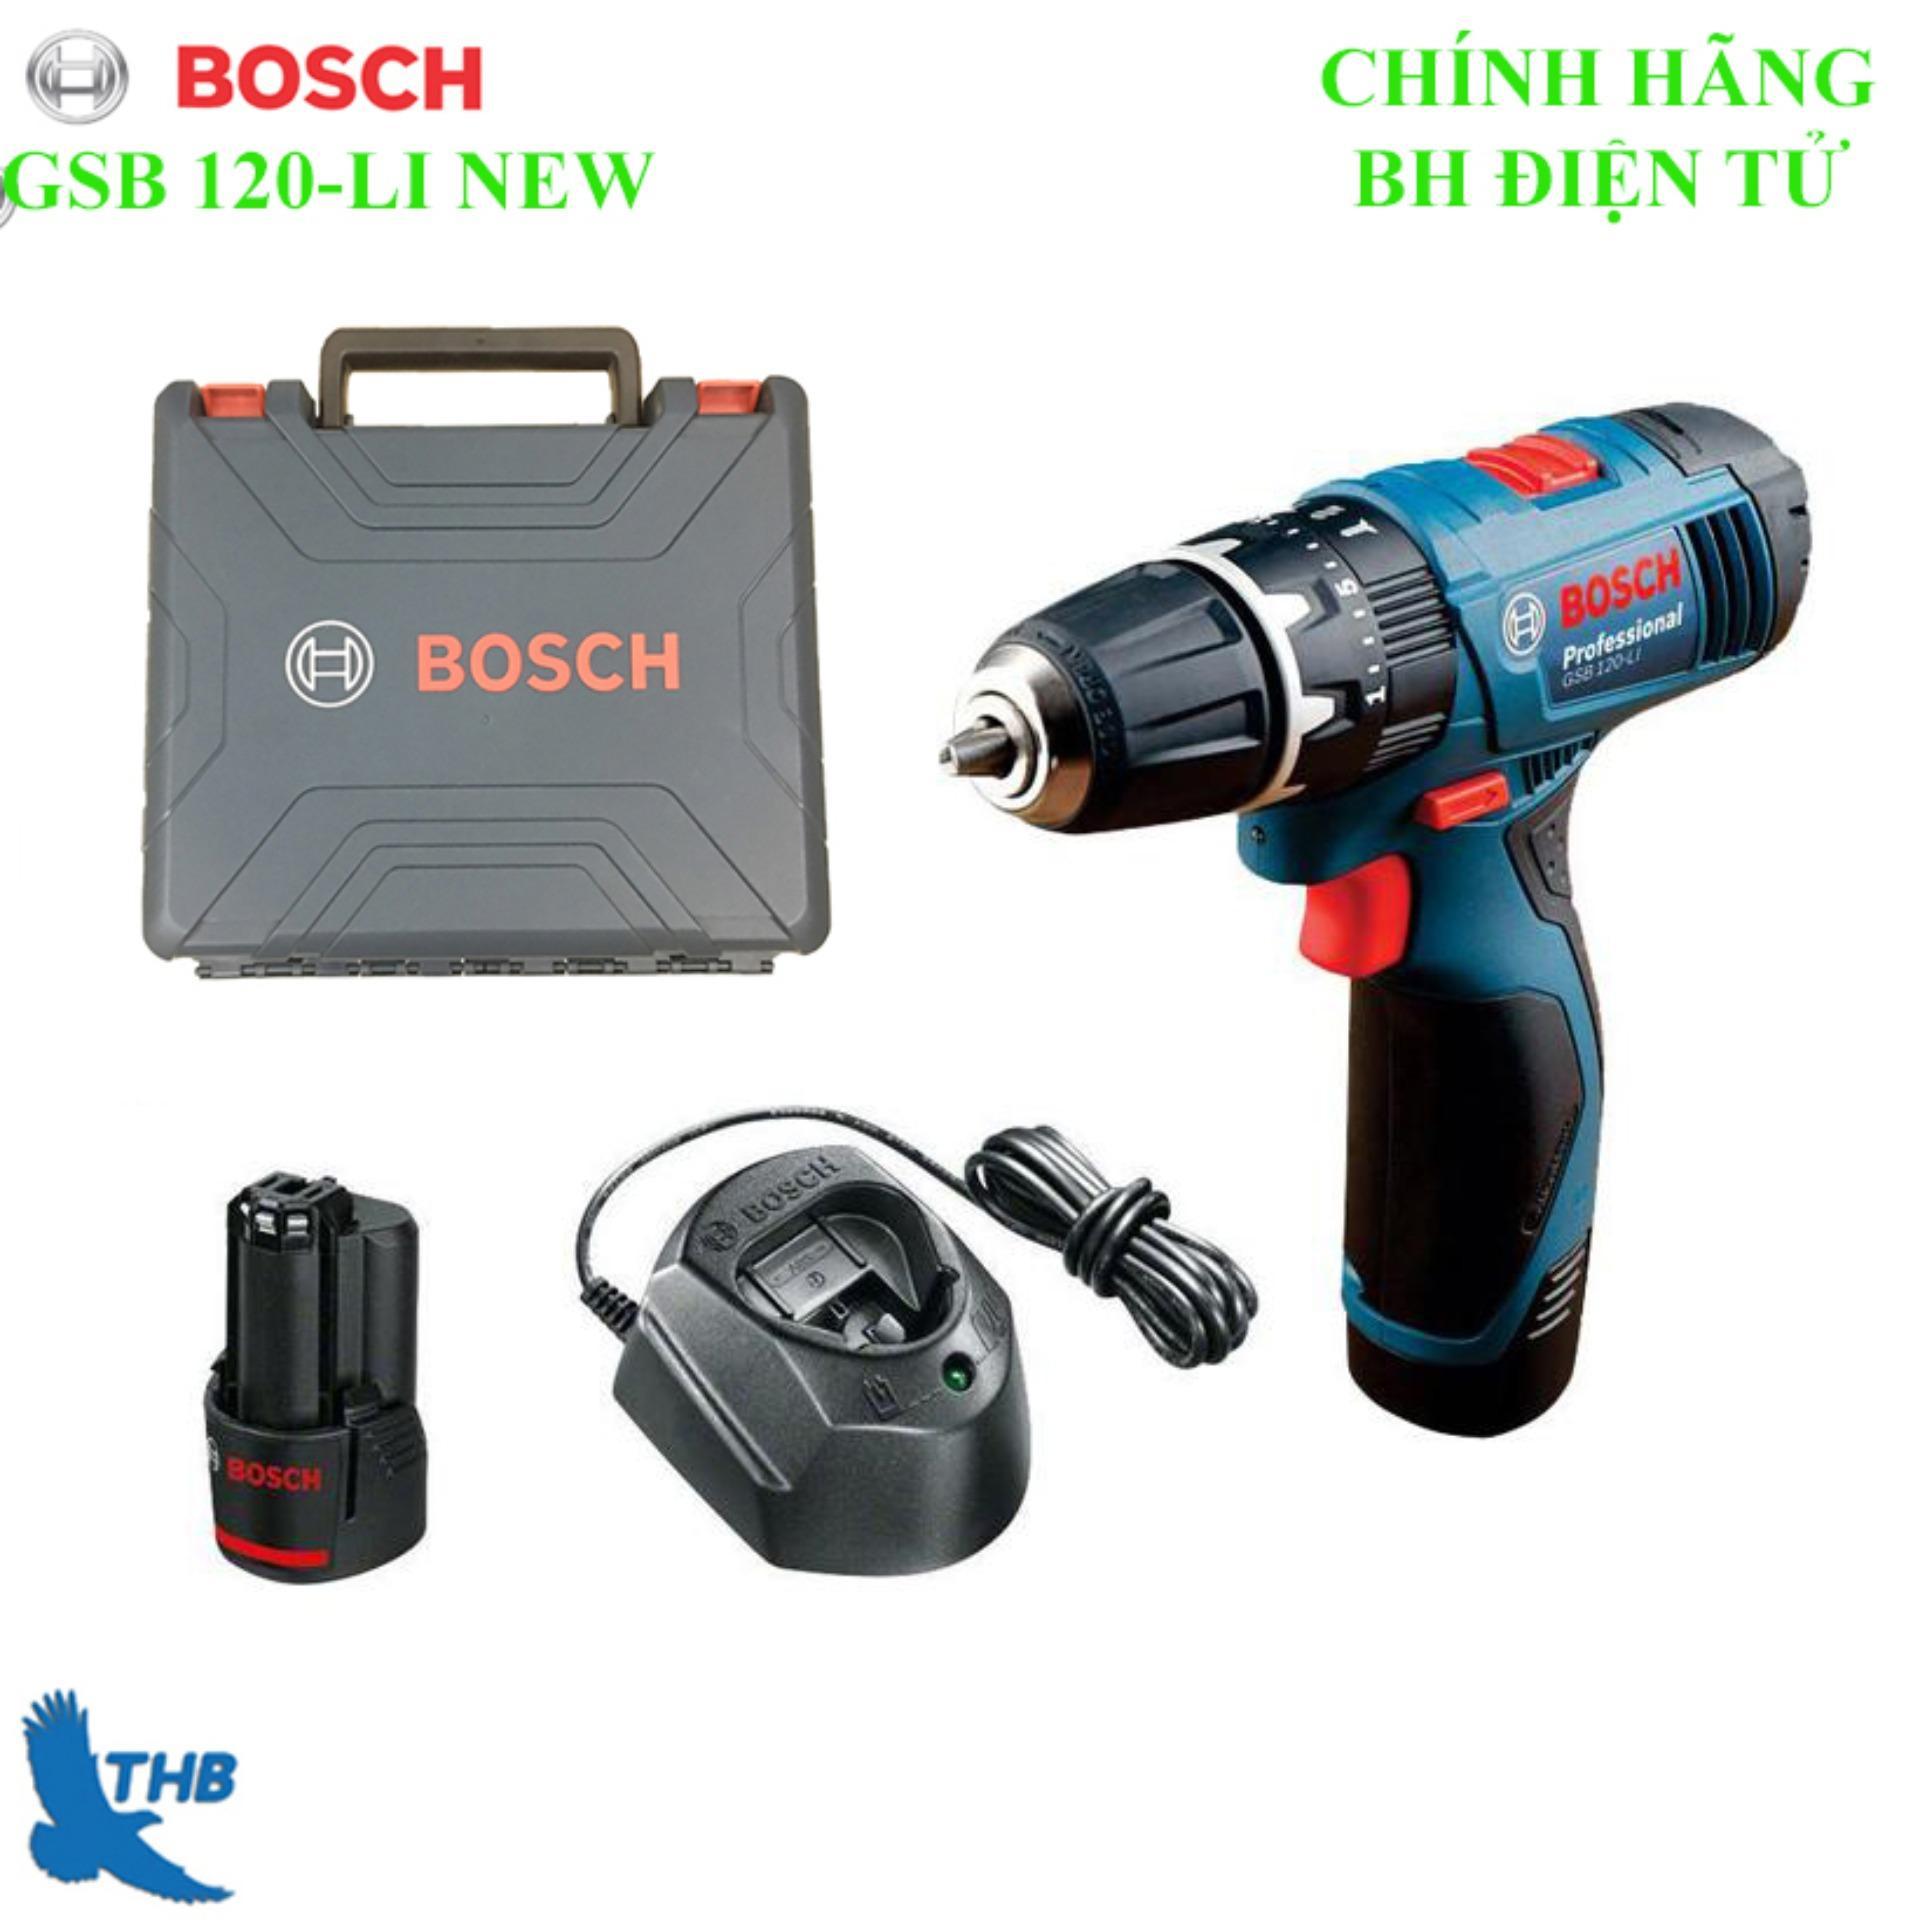 Máy khoan động lực dùng Pin Máy khoan bắt vít dúng Pin 12V Bosch GSB 120-LI NEW Bảo hành 12 tháng xuất xứ Malaysia 2  Pin 12V